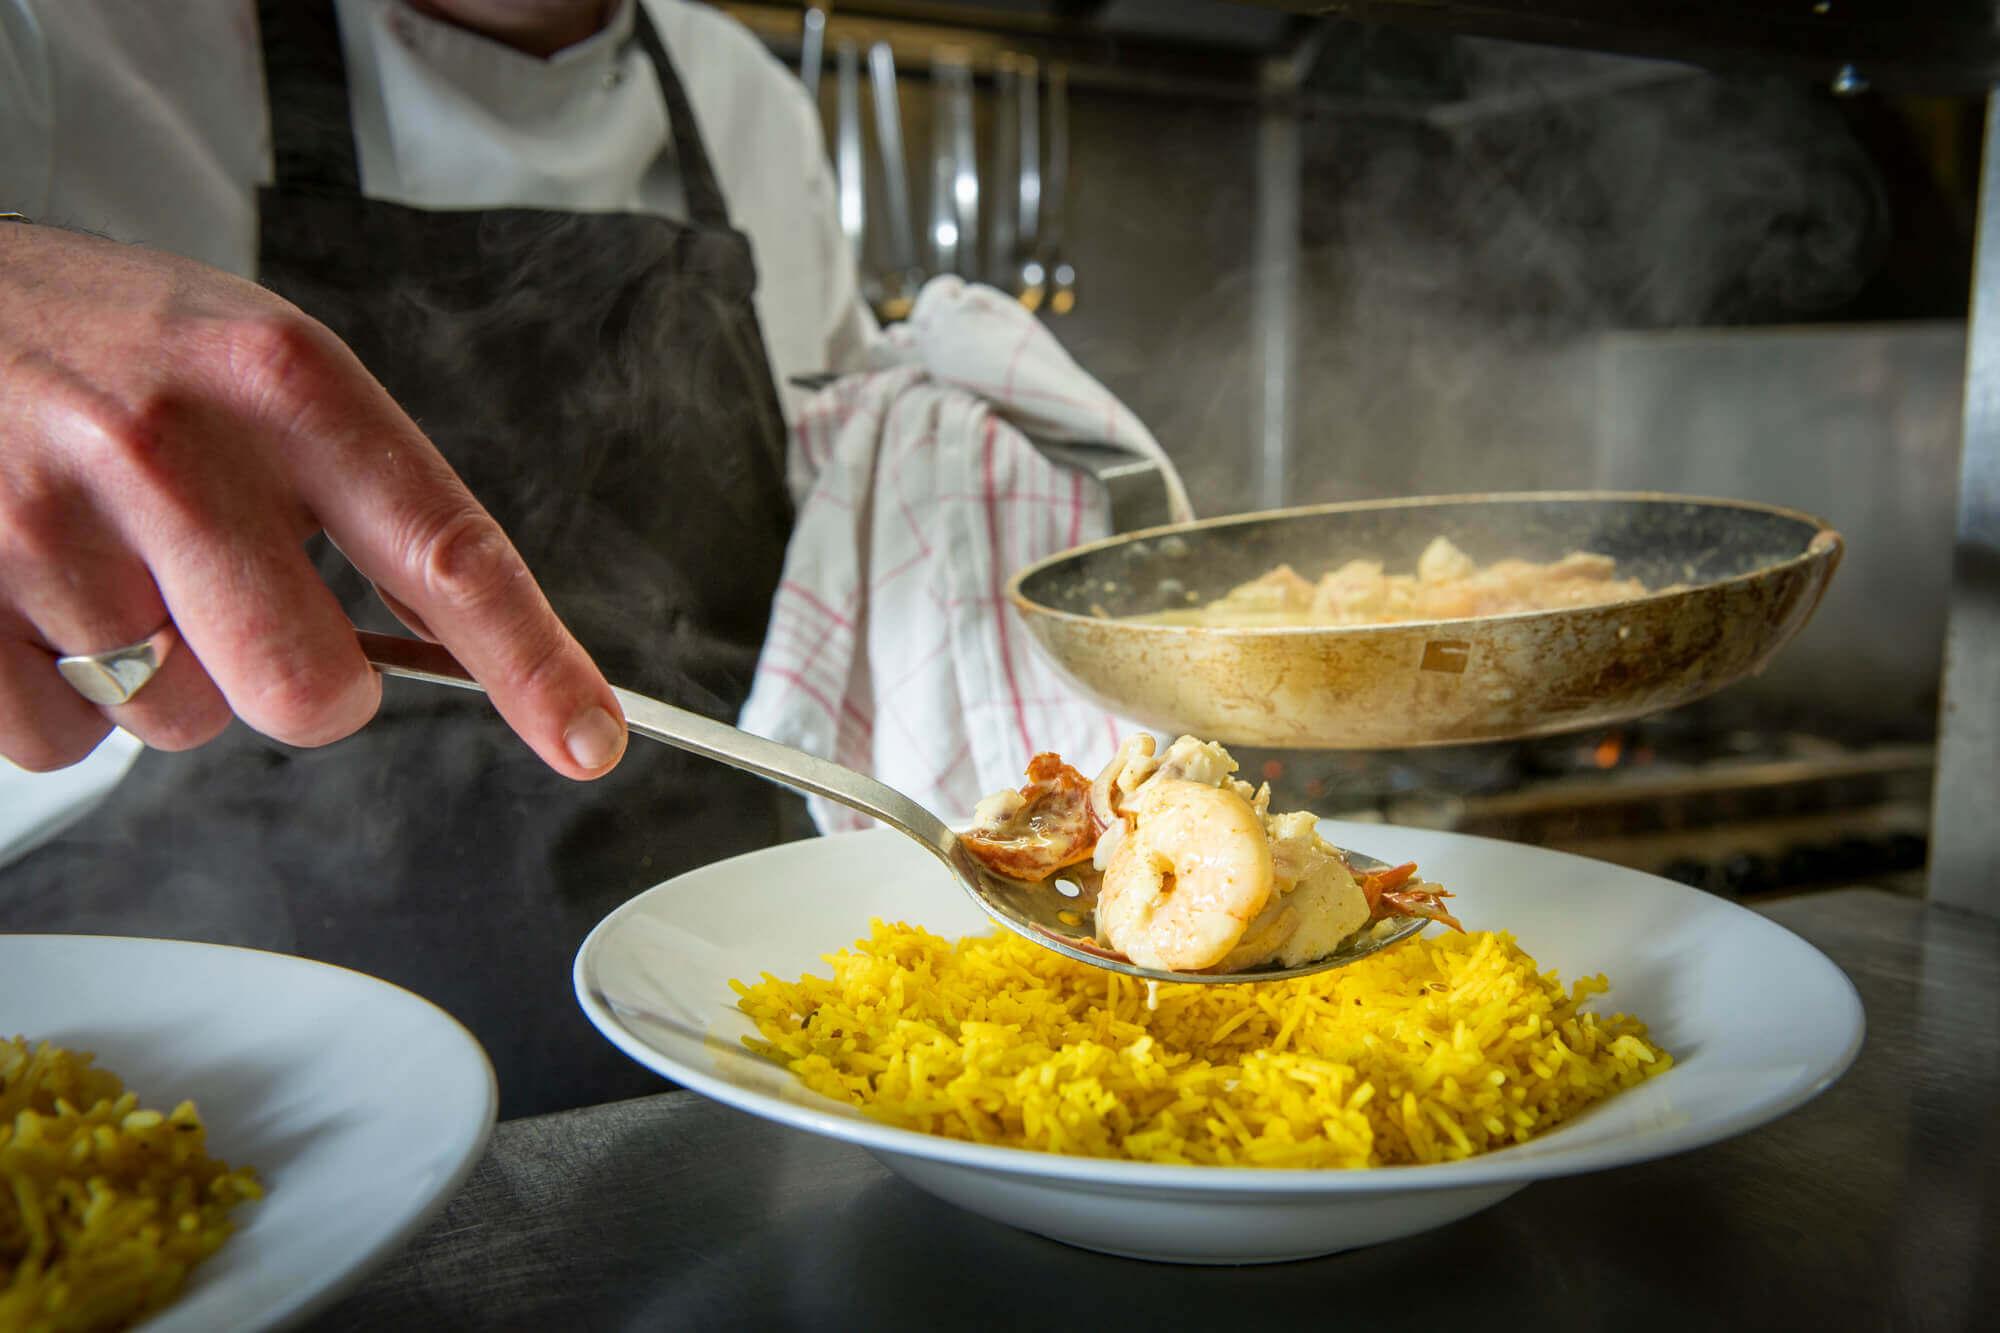 Plating up the Brixham Monkfish & King Prawn Curry